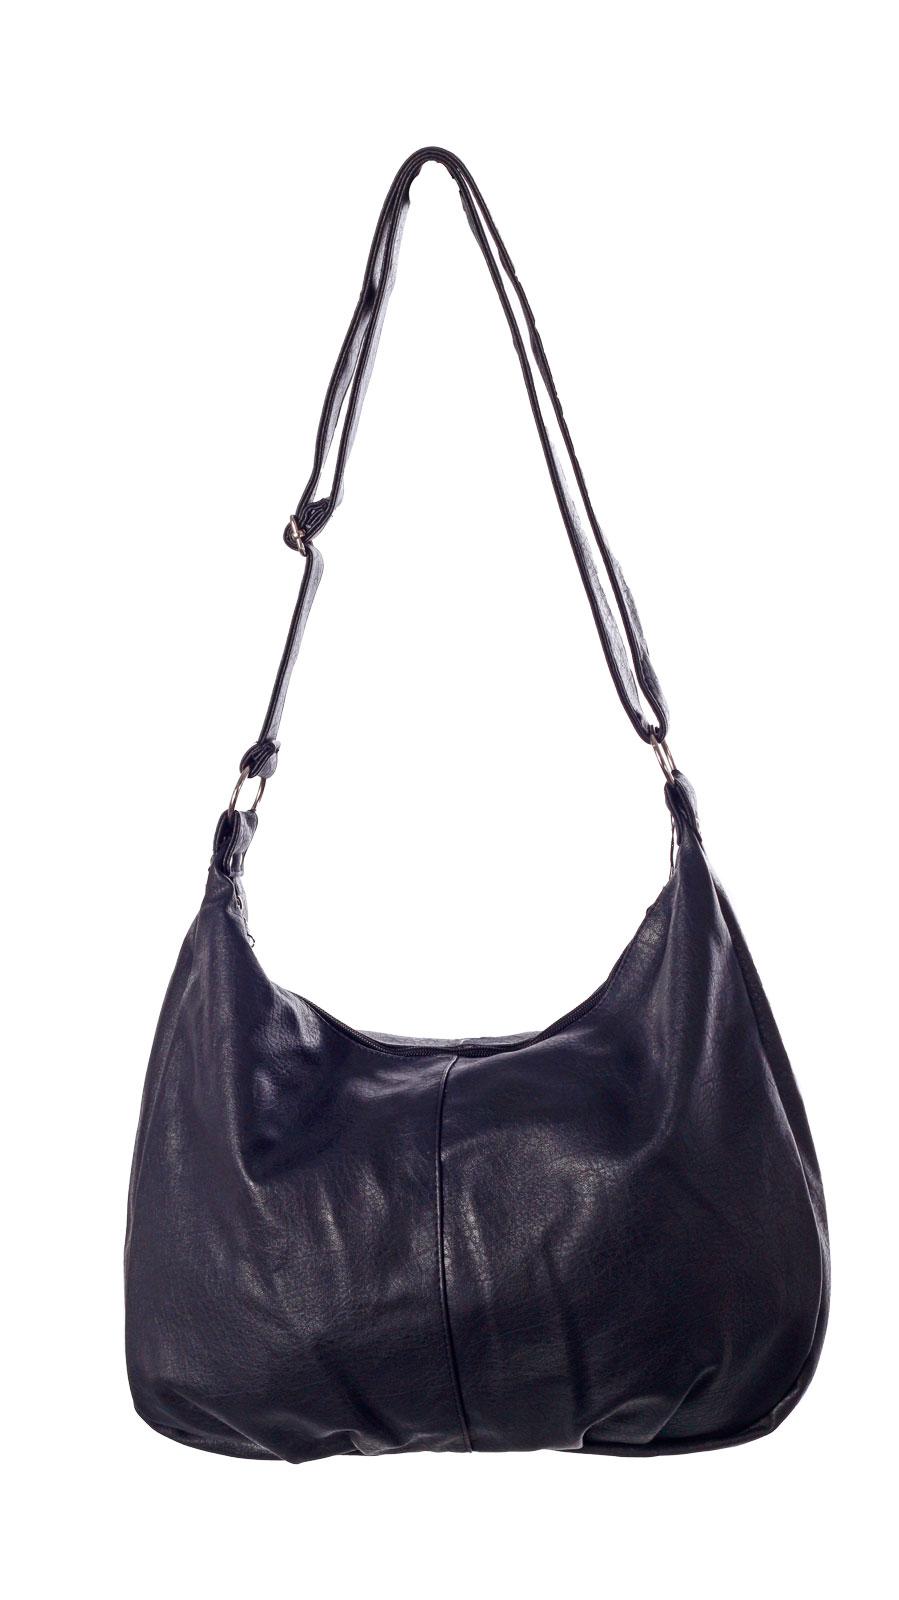 b36f882f2662a Schultertasche Damen Handtasche Shopper Modische Schultasche Schwarz ...